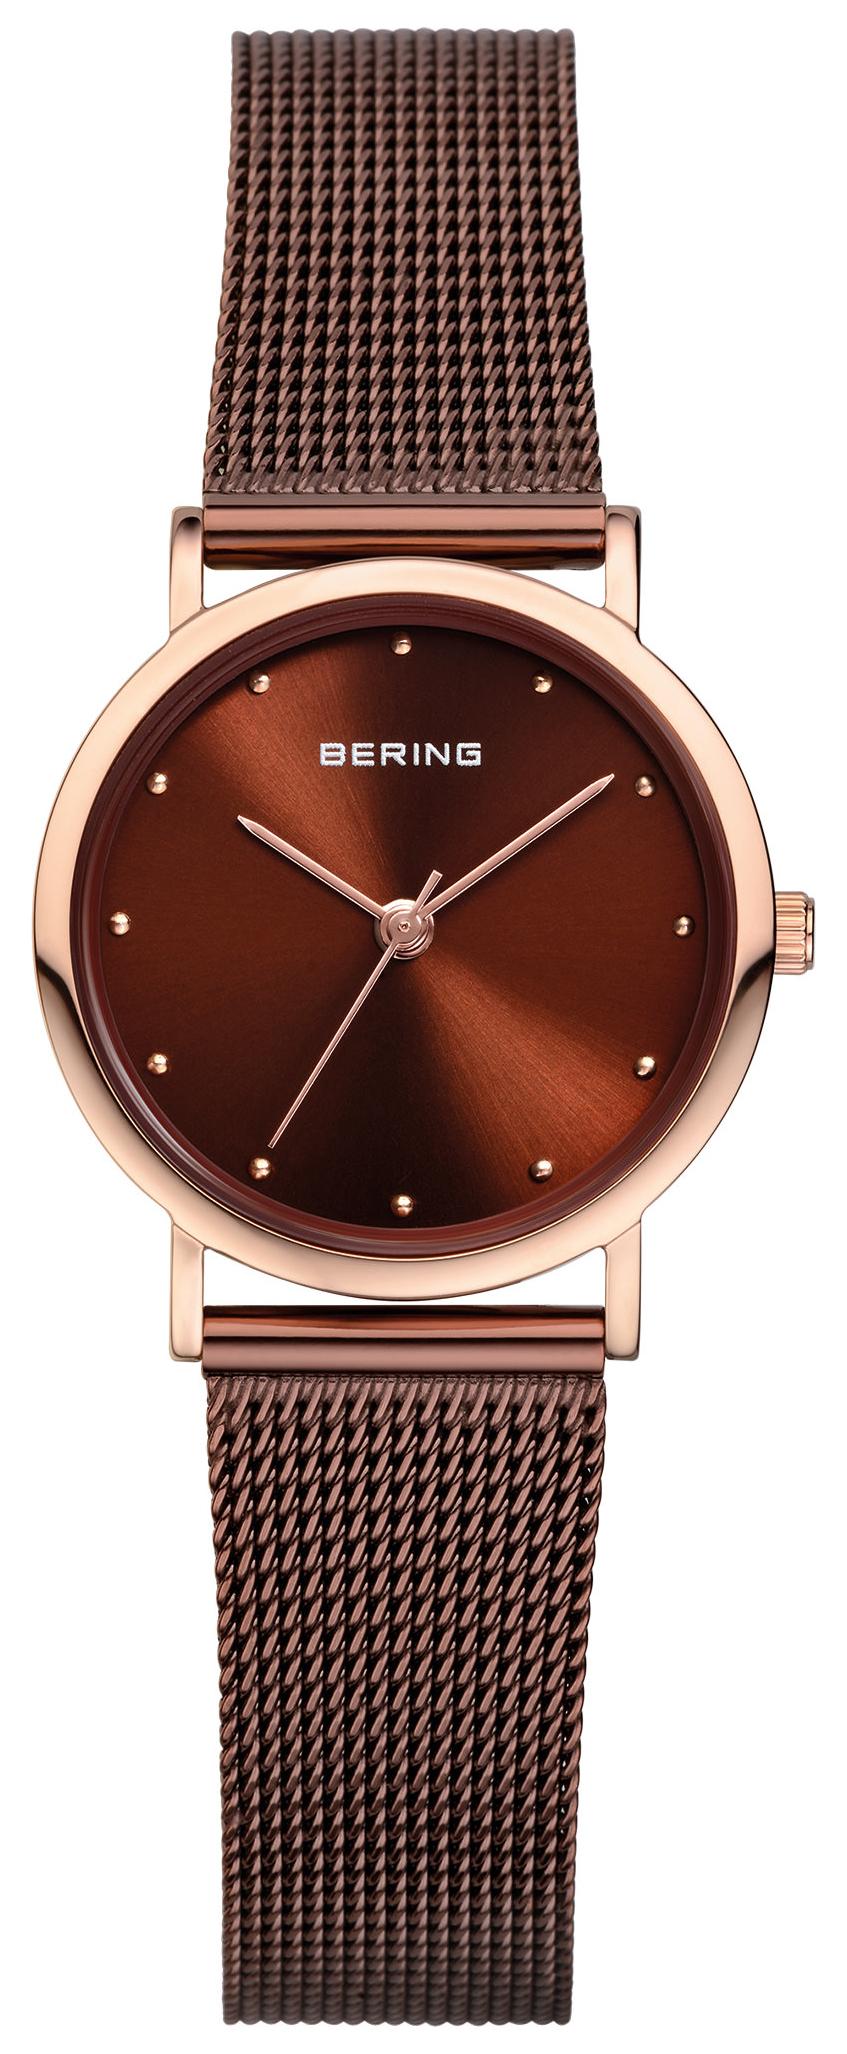 Bering Classic Dameklokke 13426-265 Brun/Stål Ø26 mm - Bering